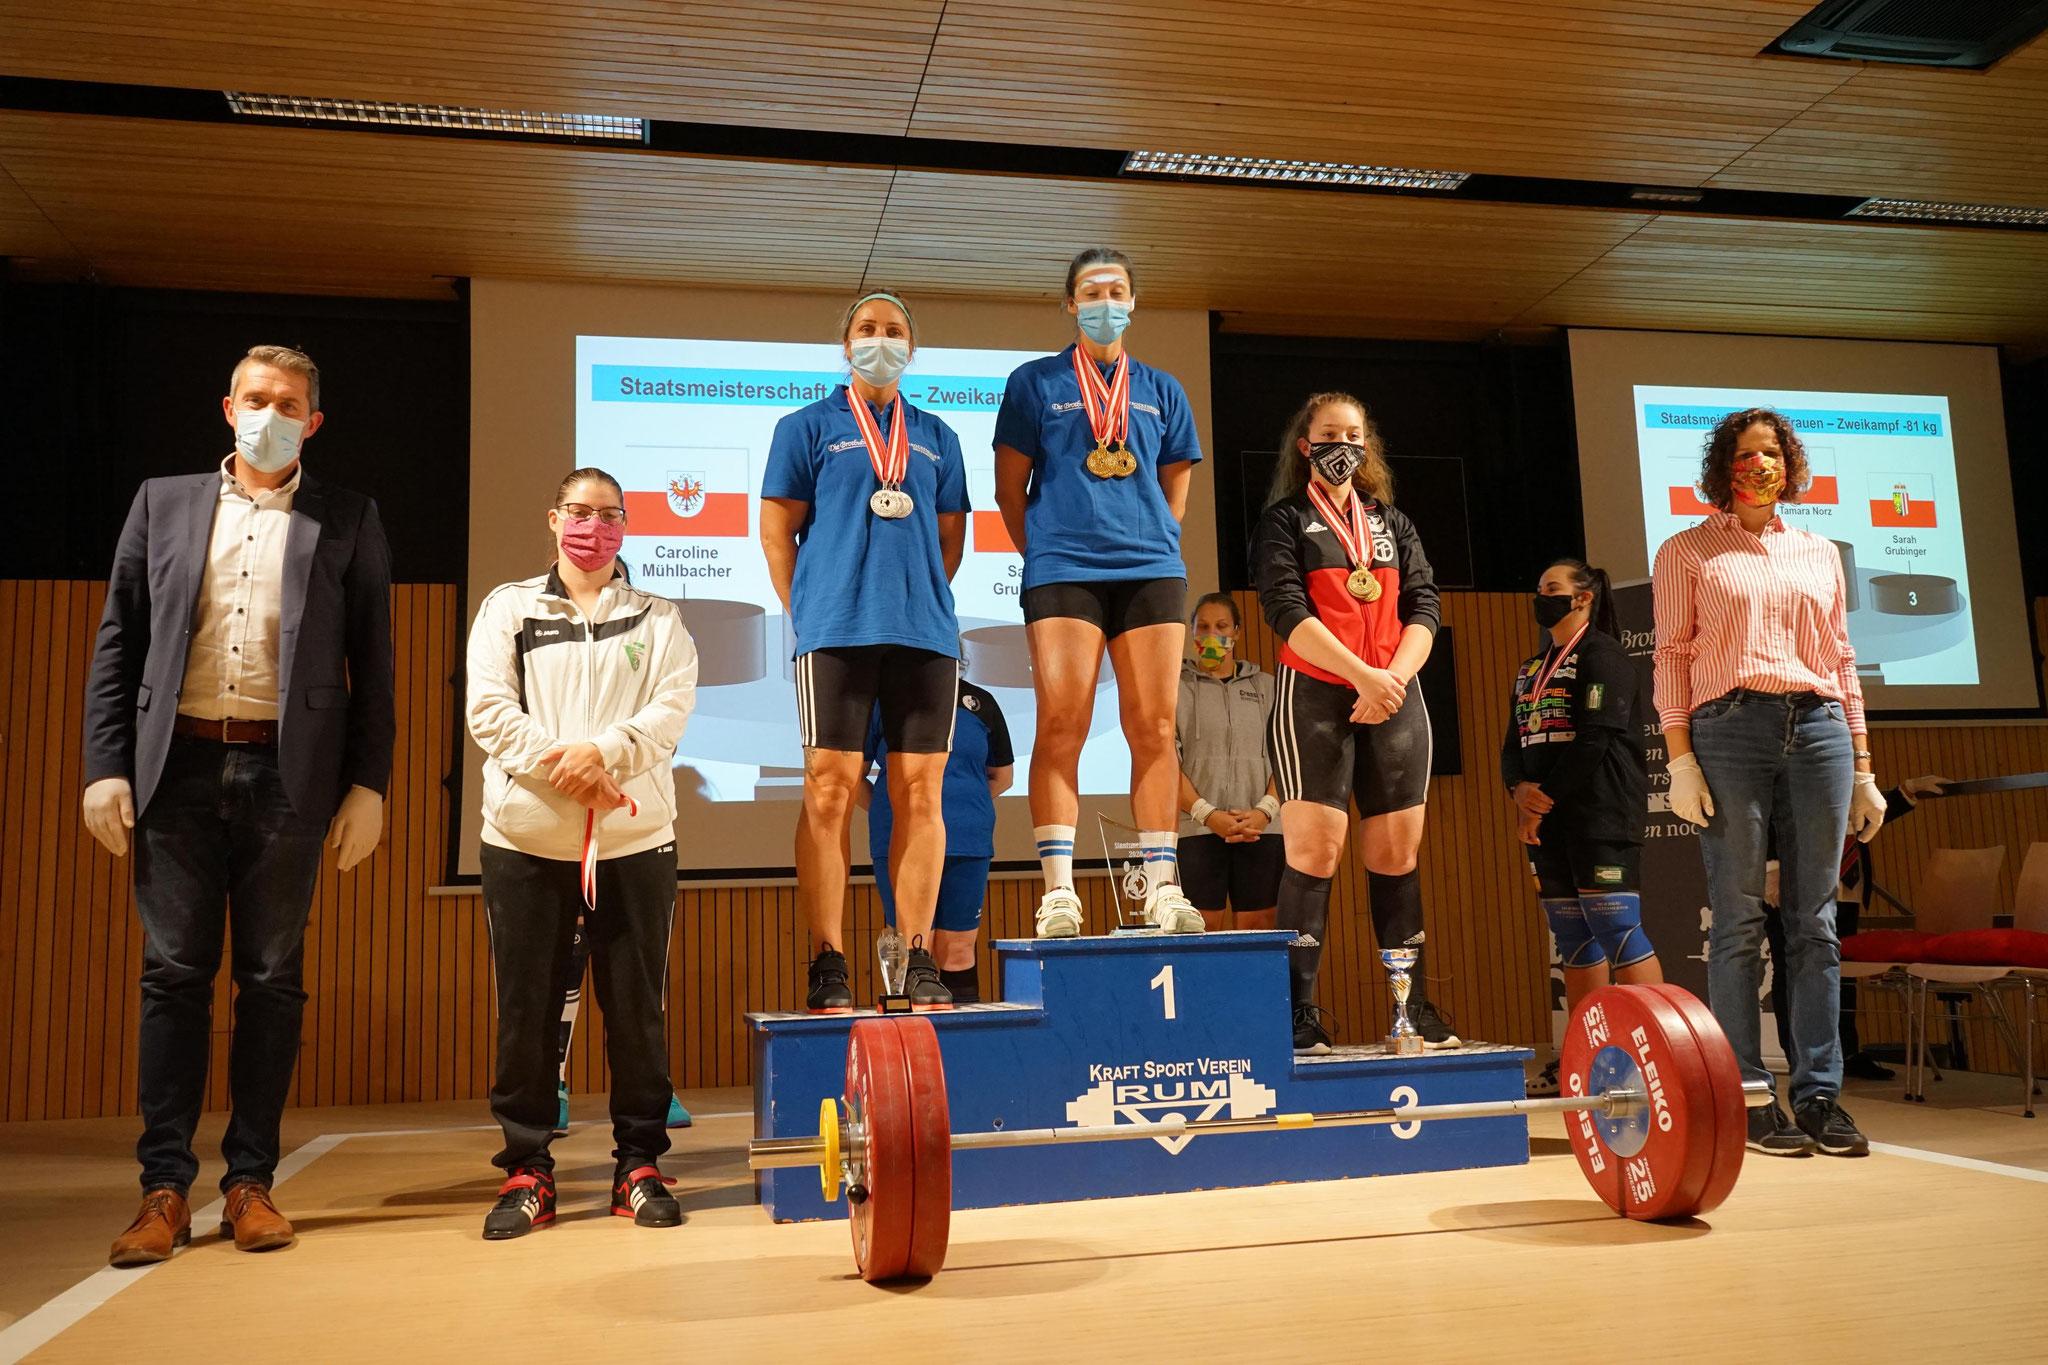 04.10.2020 - Staatsmeisterschaft der Frauen im Gewichtheben in Rum